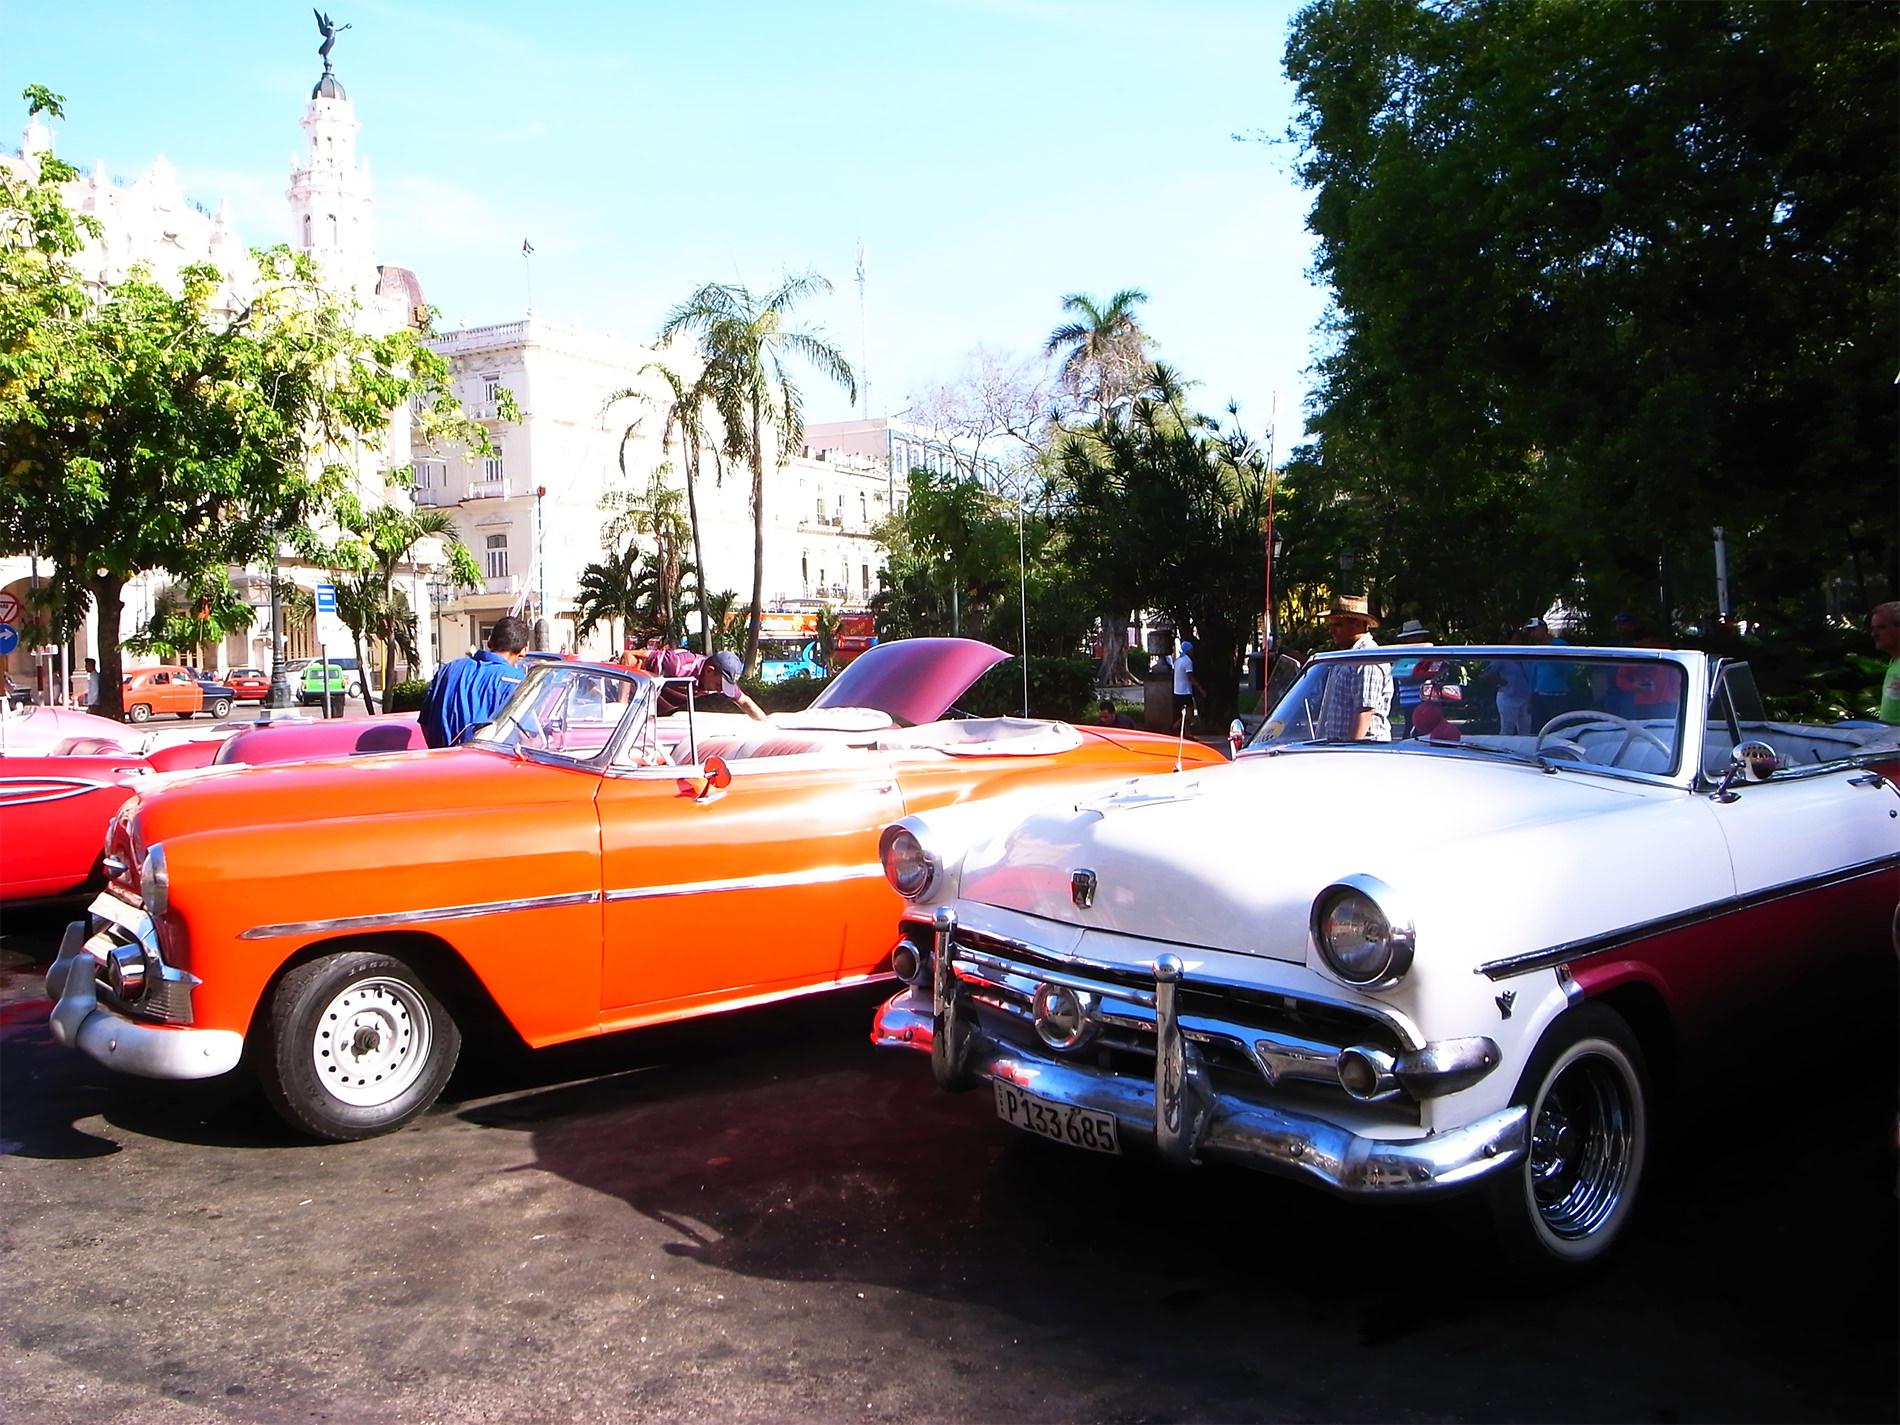 ハバナ観光 / 革命広場 / キューバ / 2016